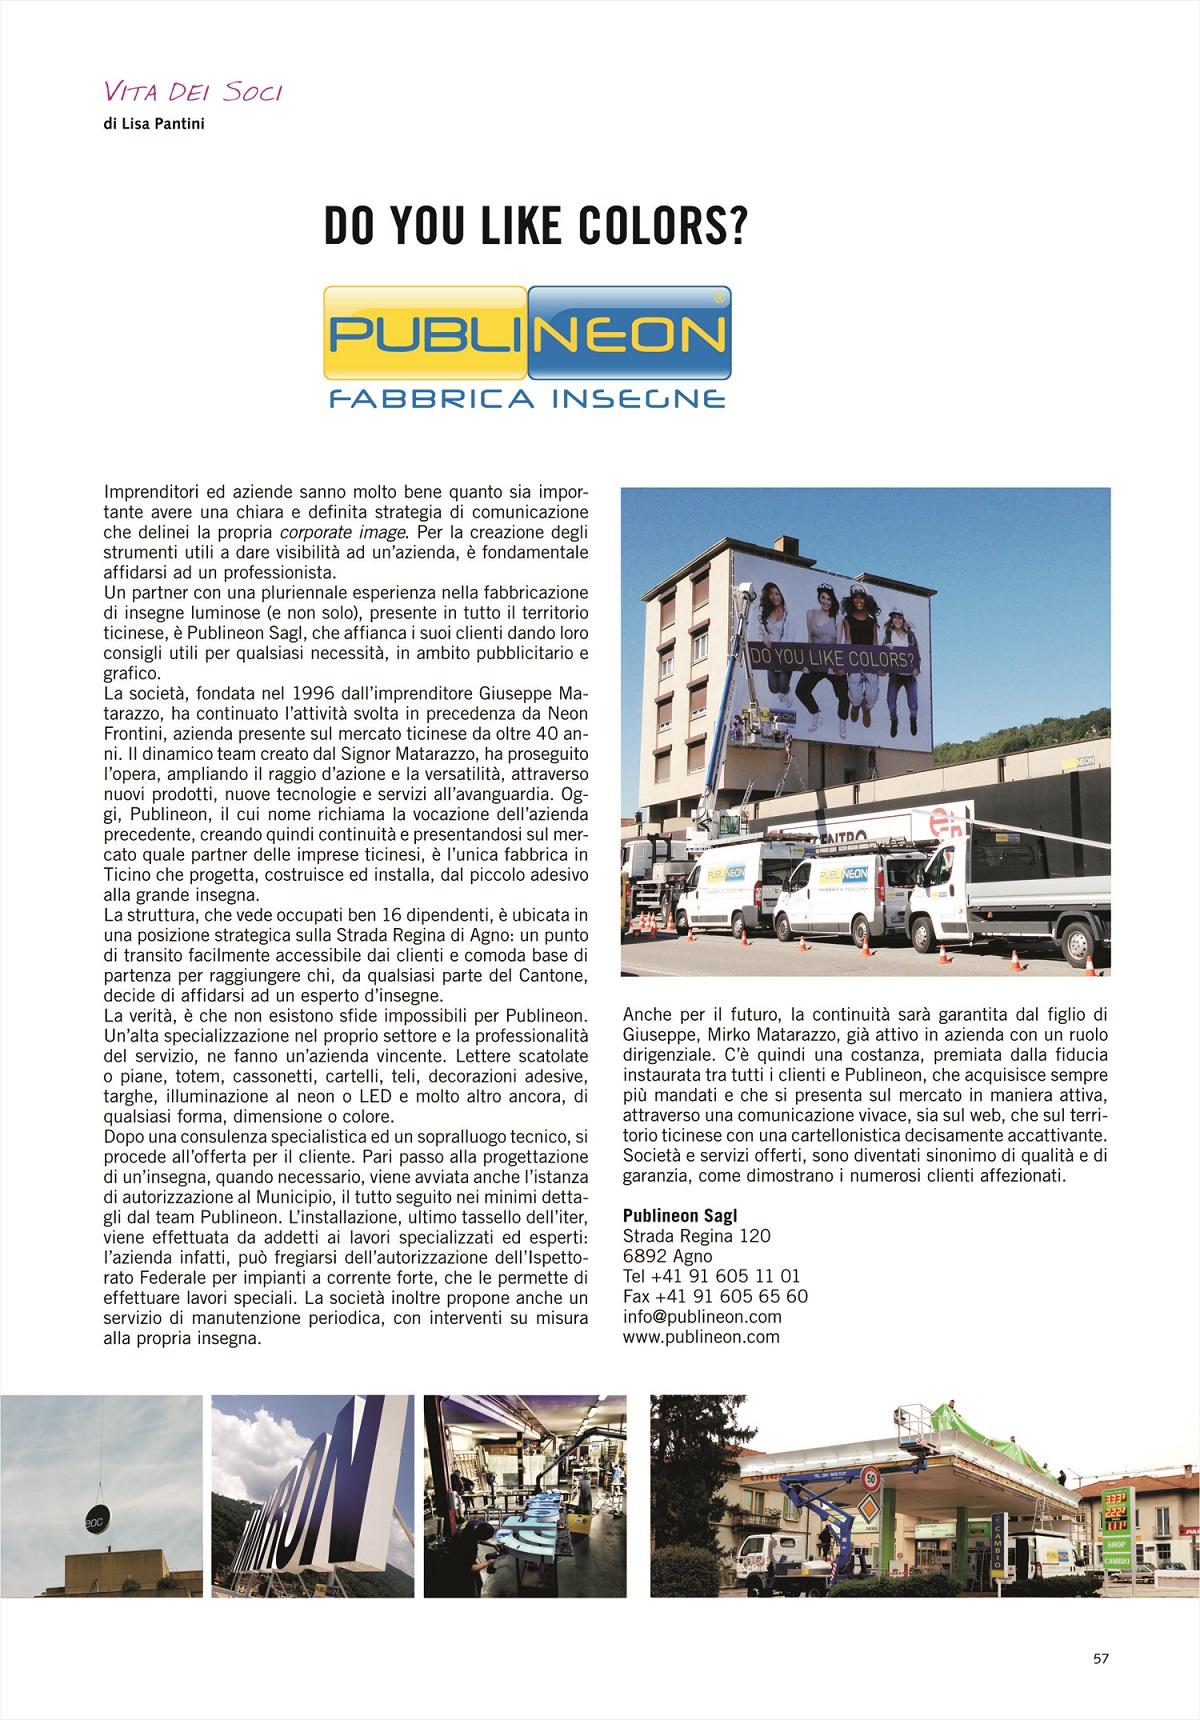 publineon_l_rid